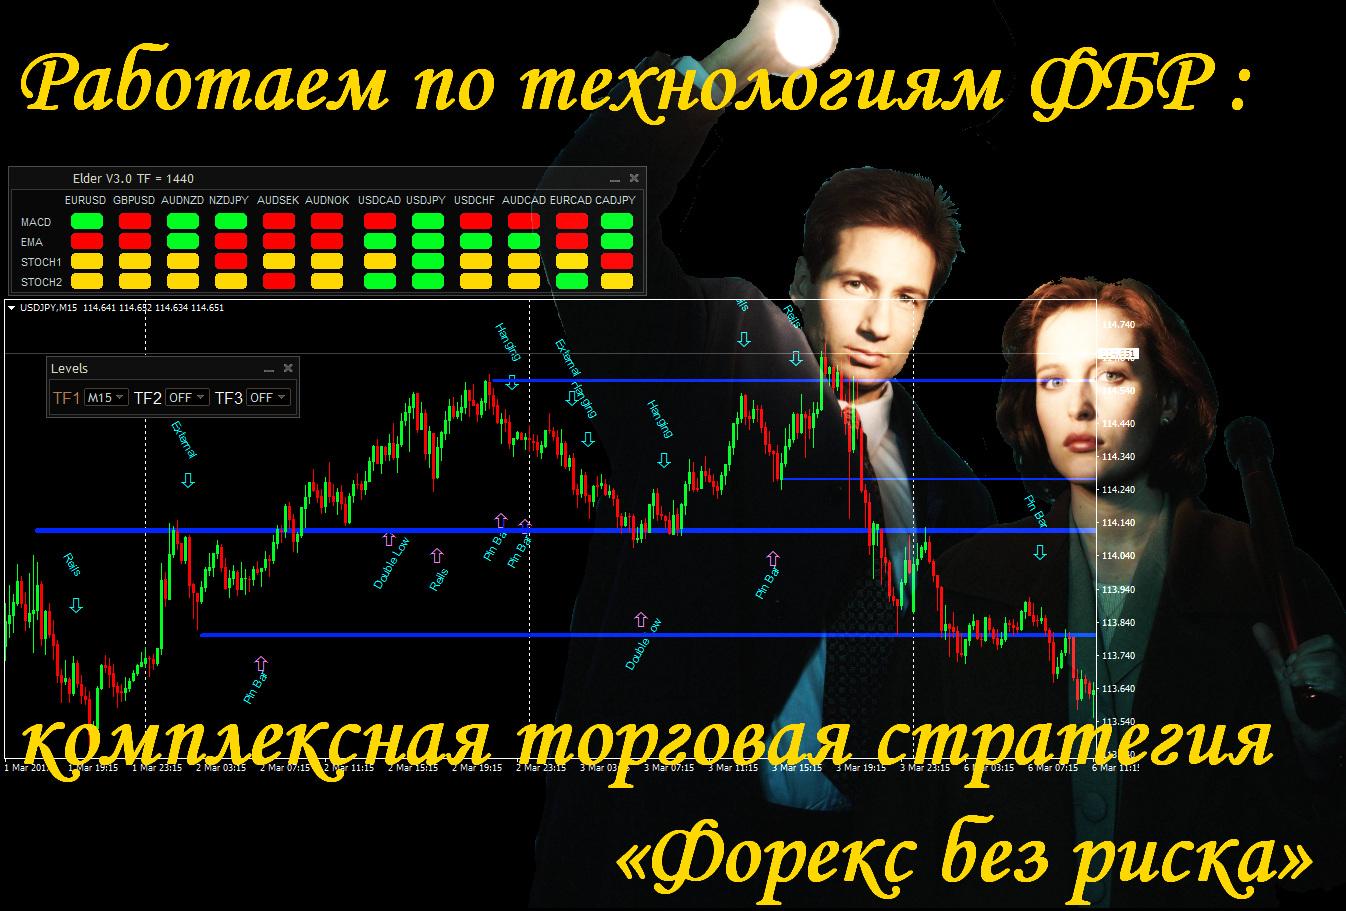 Сложнее трейдеры которые зарабатывают на форекс пользуются торговой системой форекс признаки дисбаланса